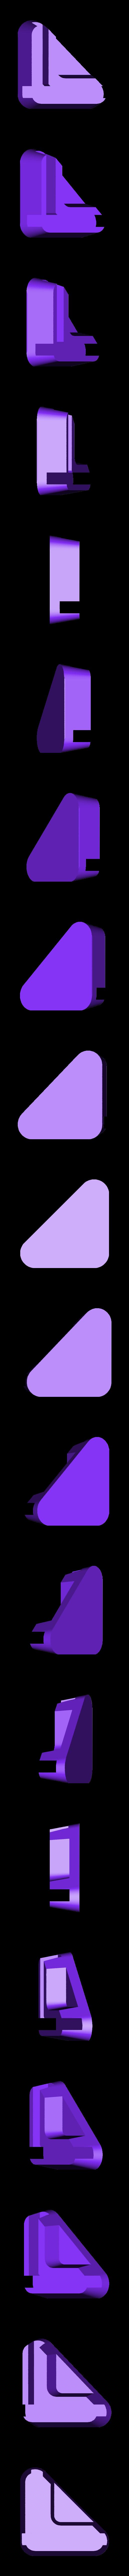 Remix_Pied_UM2_x1_mirrored.stl Télécharger fichier STL gratuit Pieds / pied Ultimaker 2 • Design imprimable en 3D, arayel